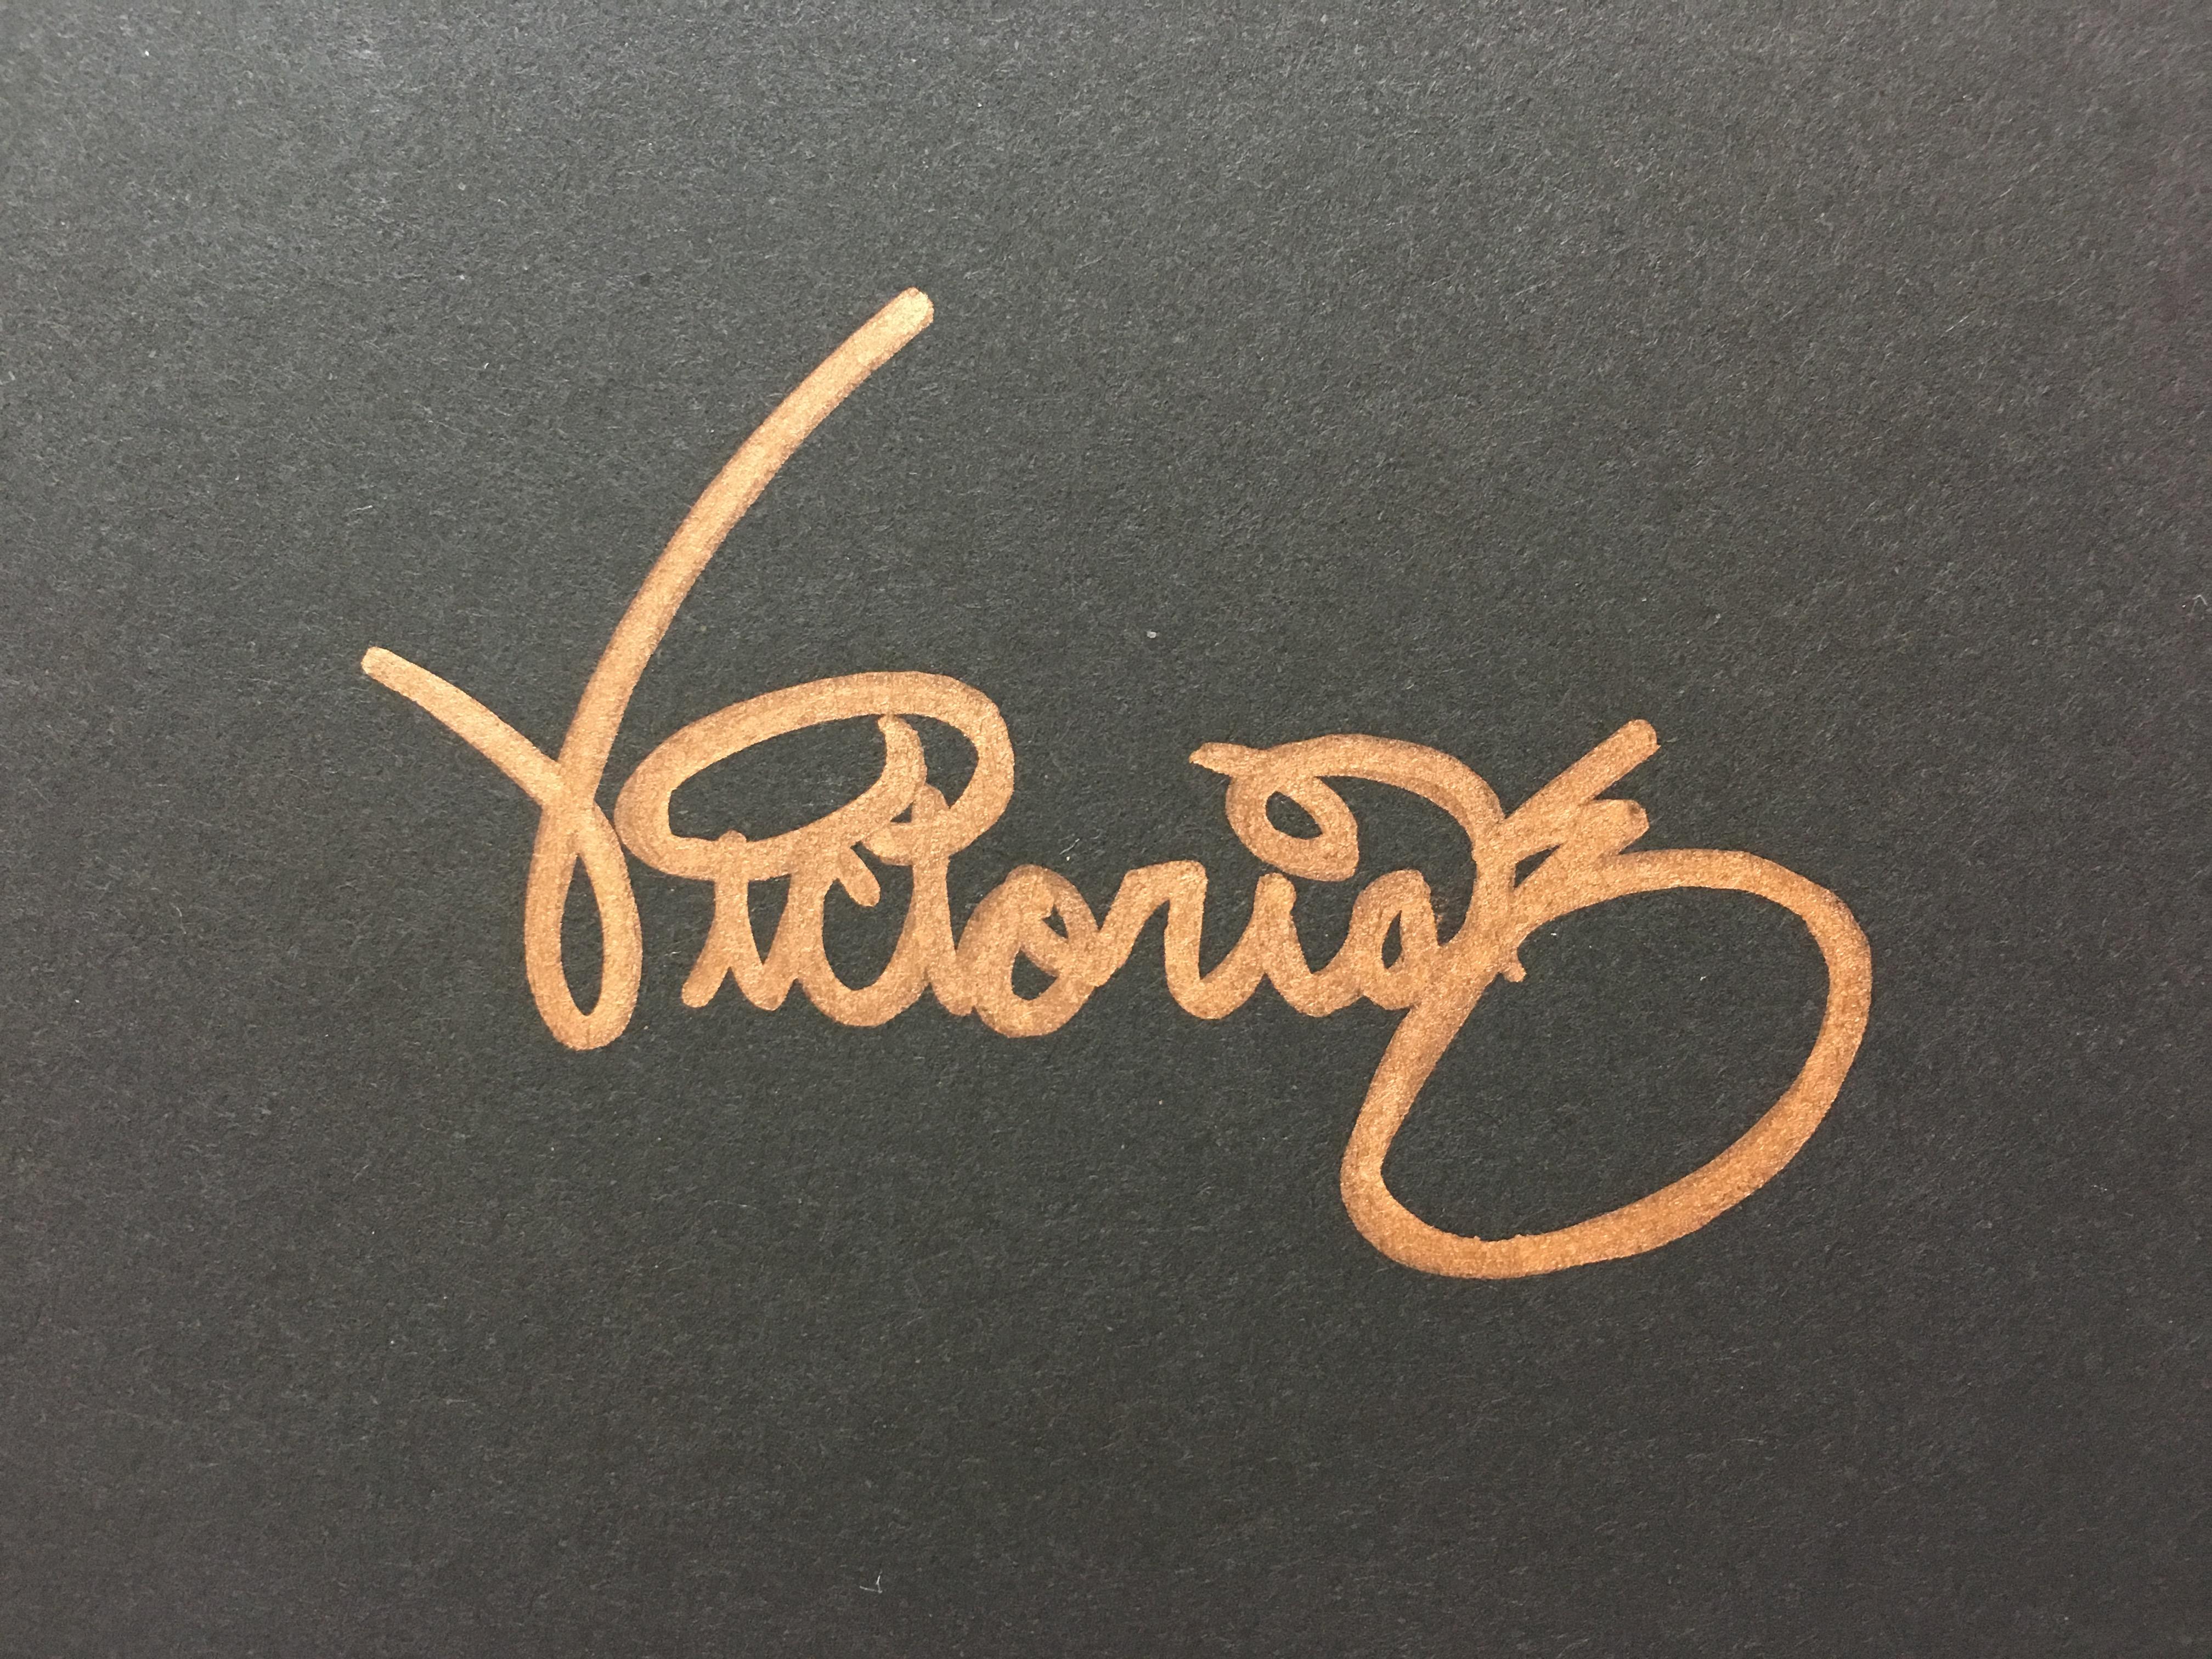 Victoria Kozlowski Signature